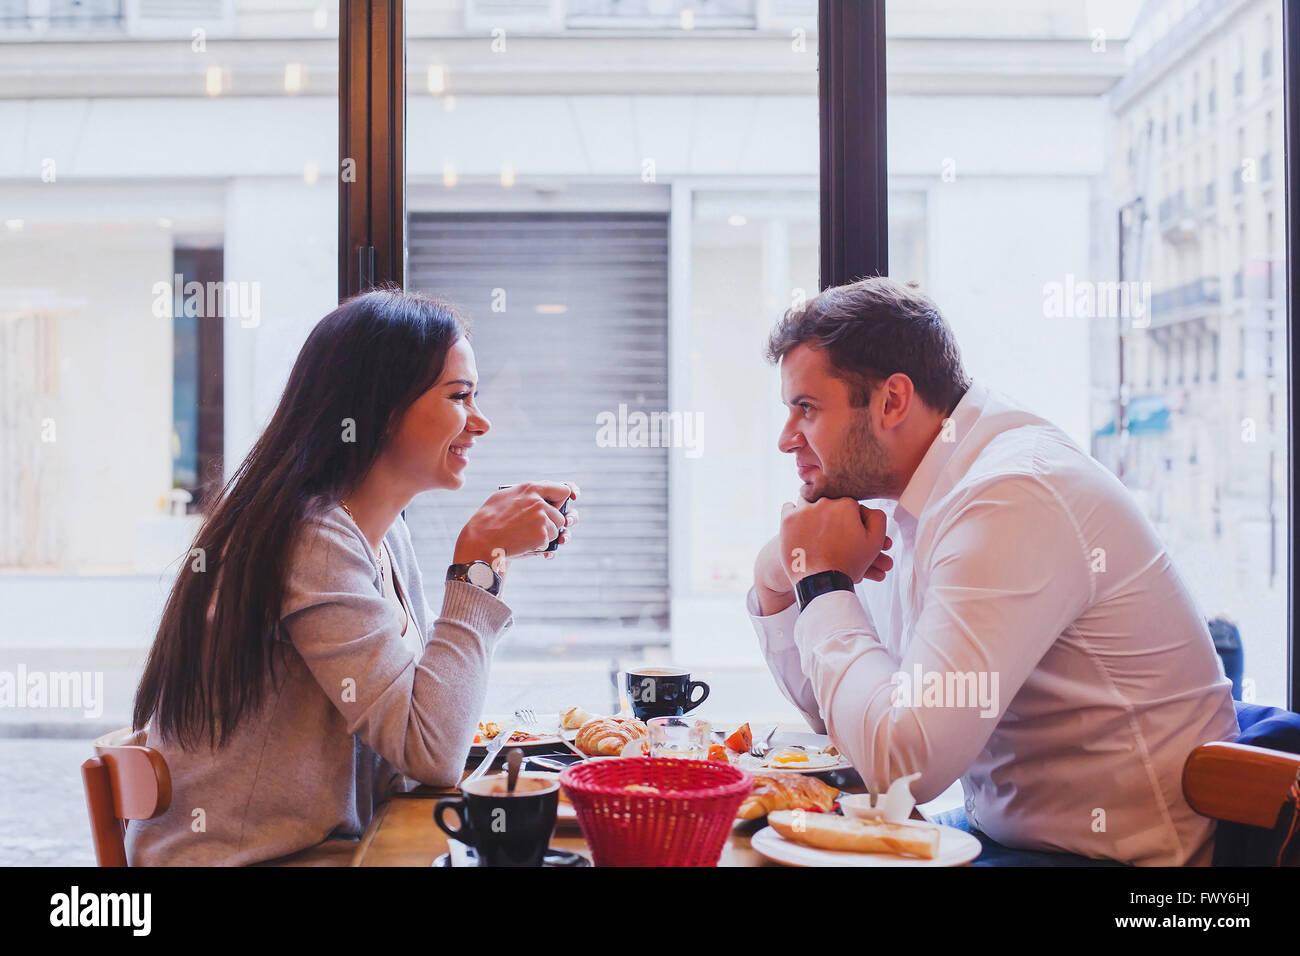 Comer en el restaurante, la feliz pareja sonriente almorzando en la cafetería, dating Foto de stock